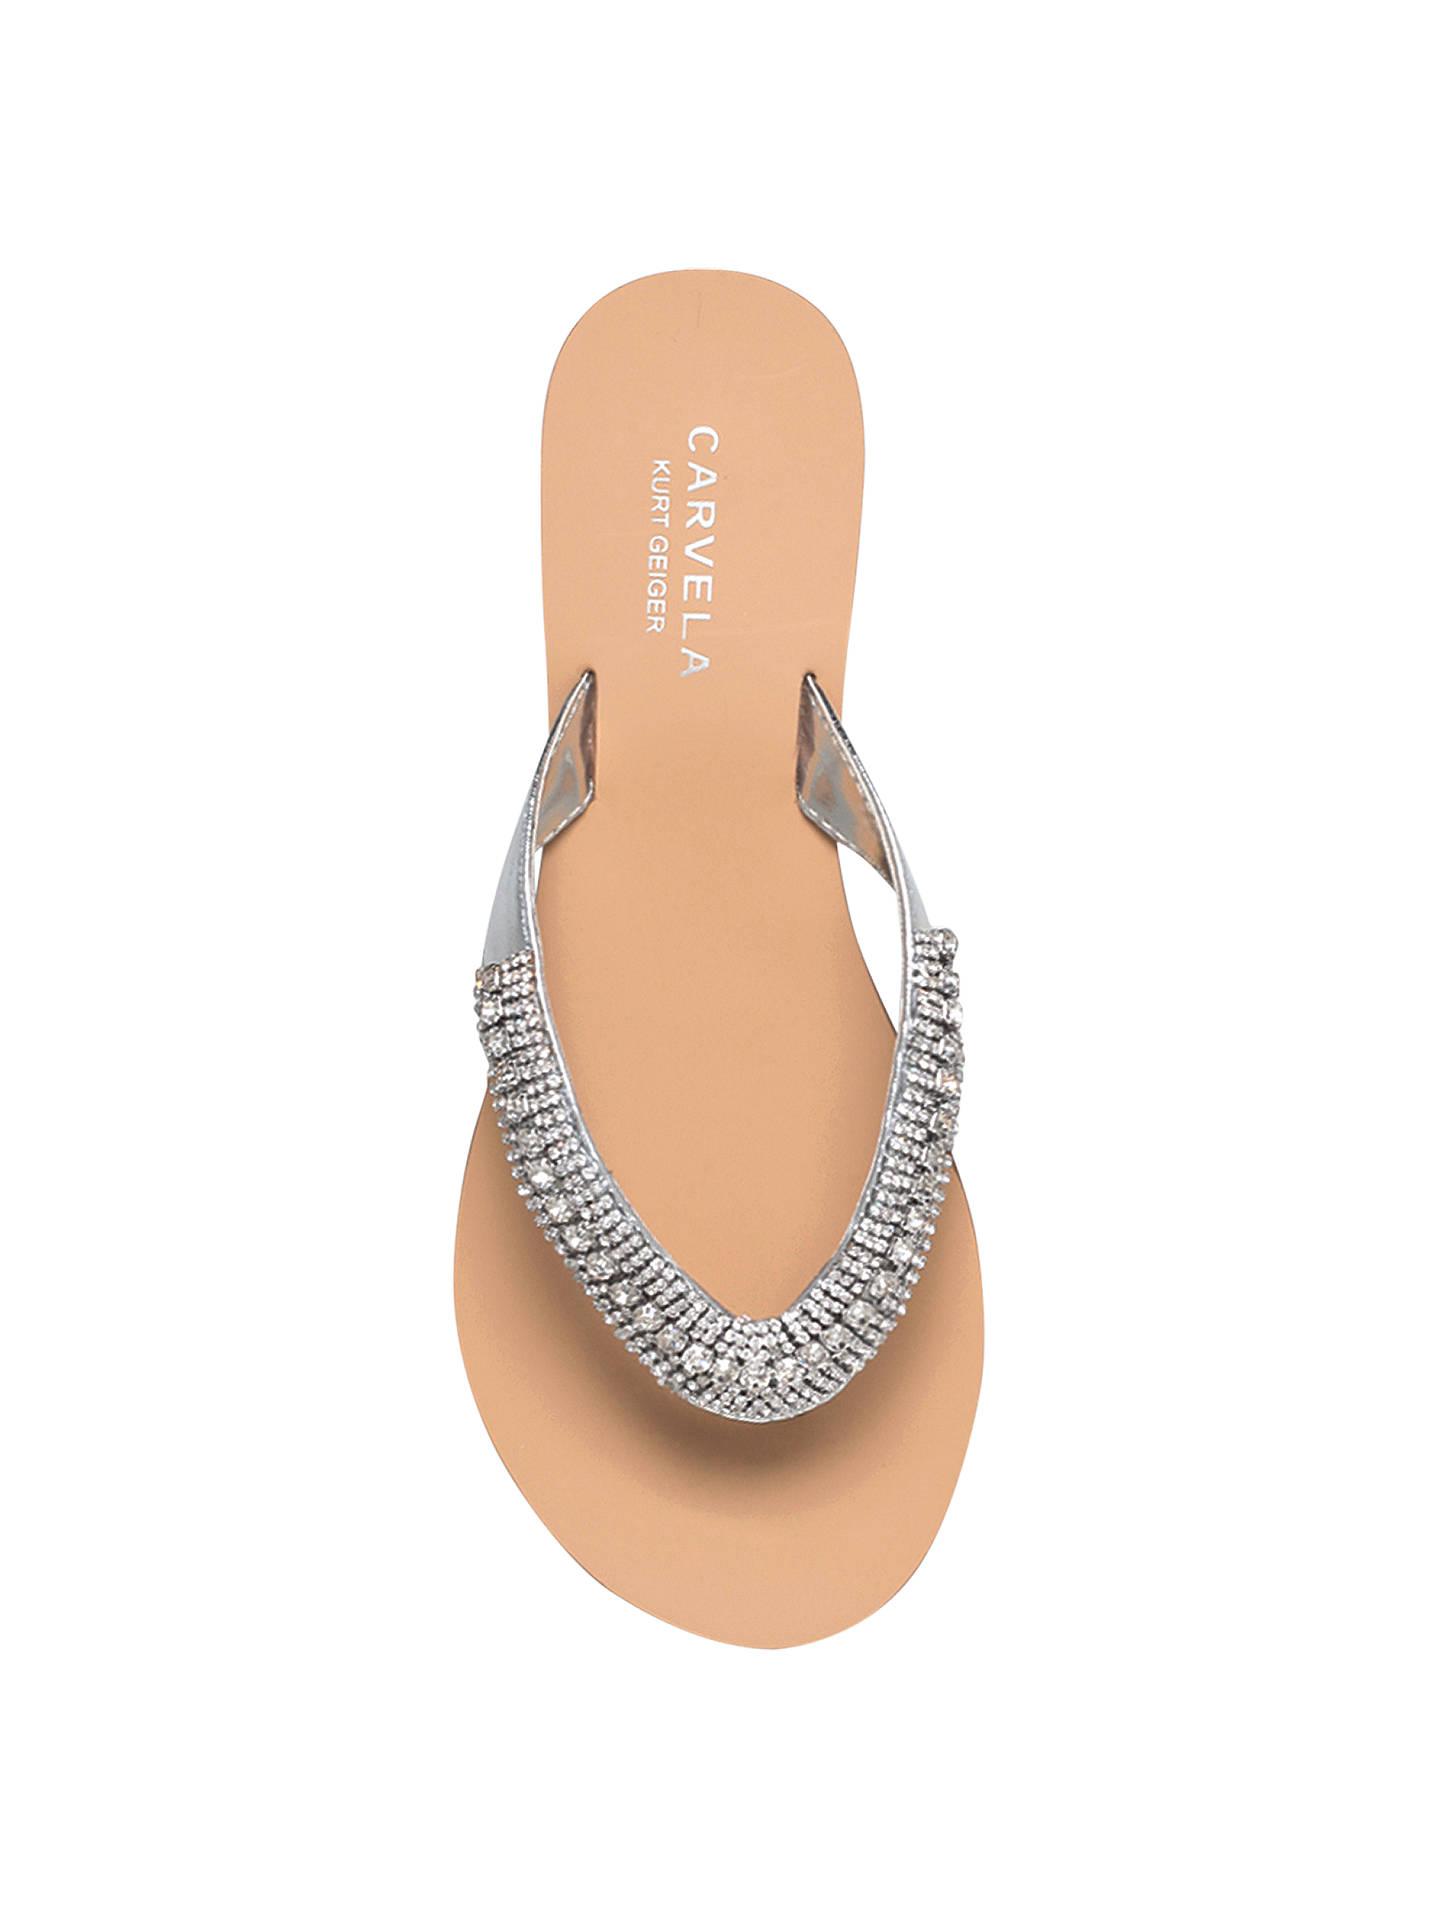 3bef10c0d8 Buy Carvela Breanne 2 Embellished Flat Sandals, Silver Leather, 3 Online at  johnlewis.